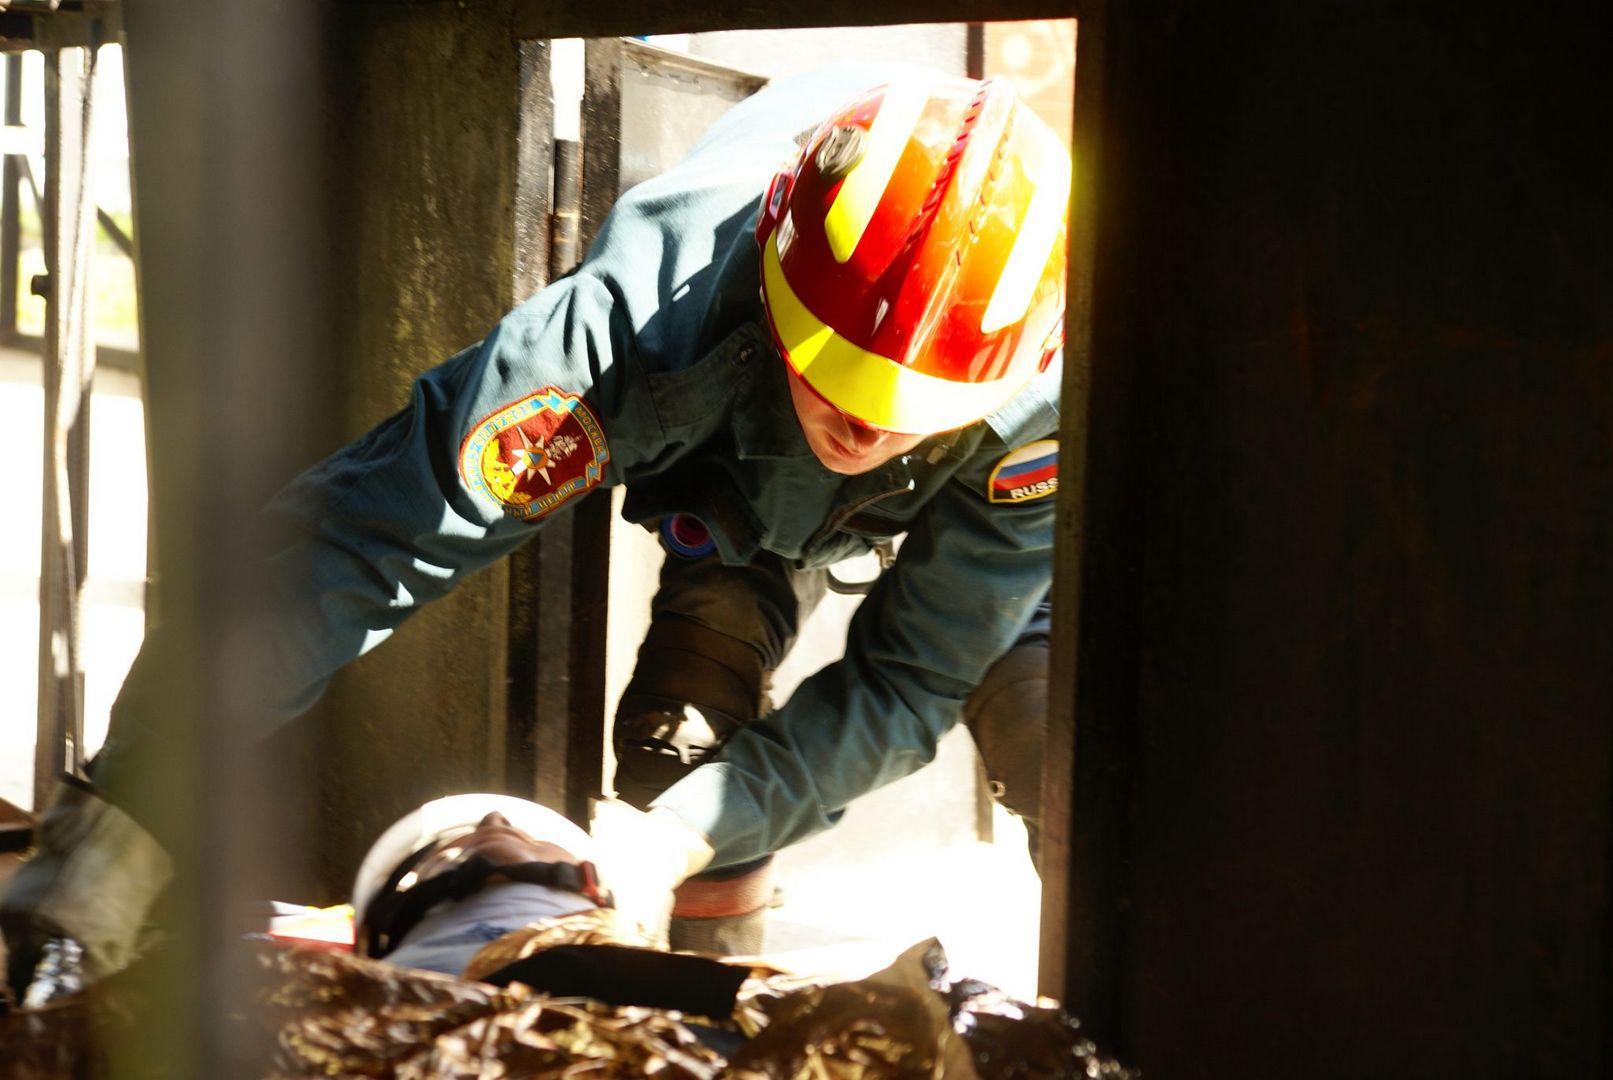 первая помощь, манекен, полоса препятствий, спасатели, конкурс, лучший спасатель, спасатели Москвы, департамент ГО ЧС